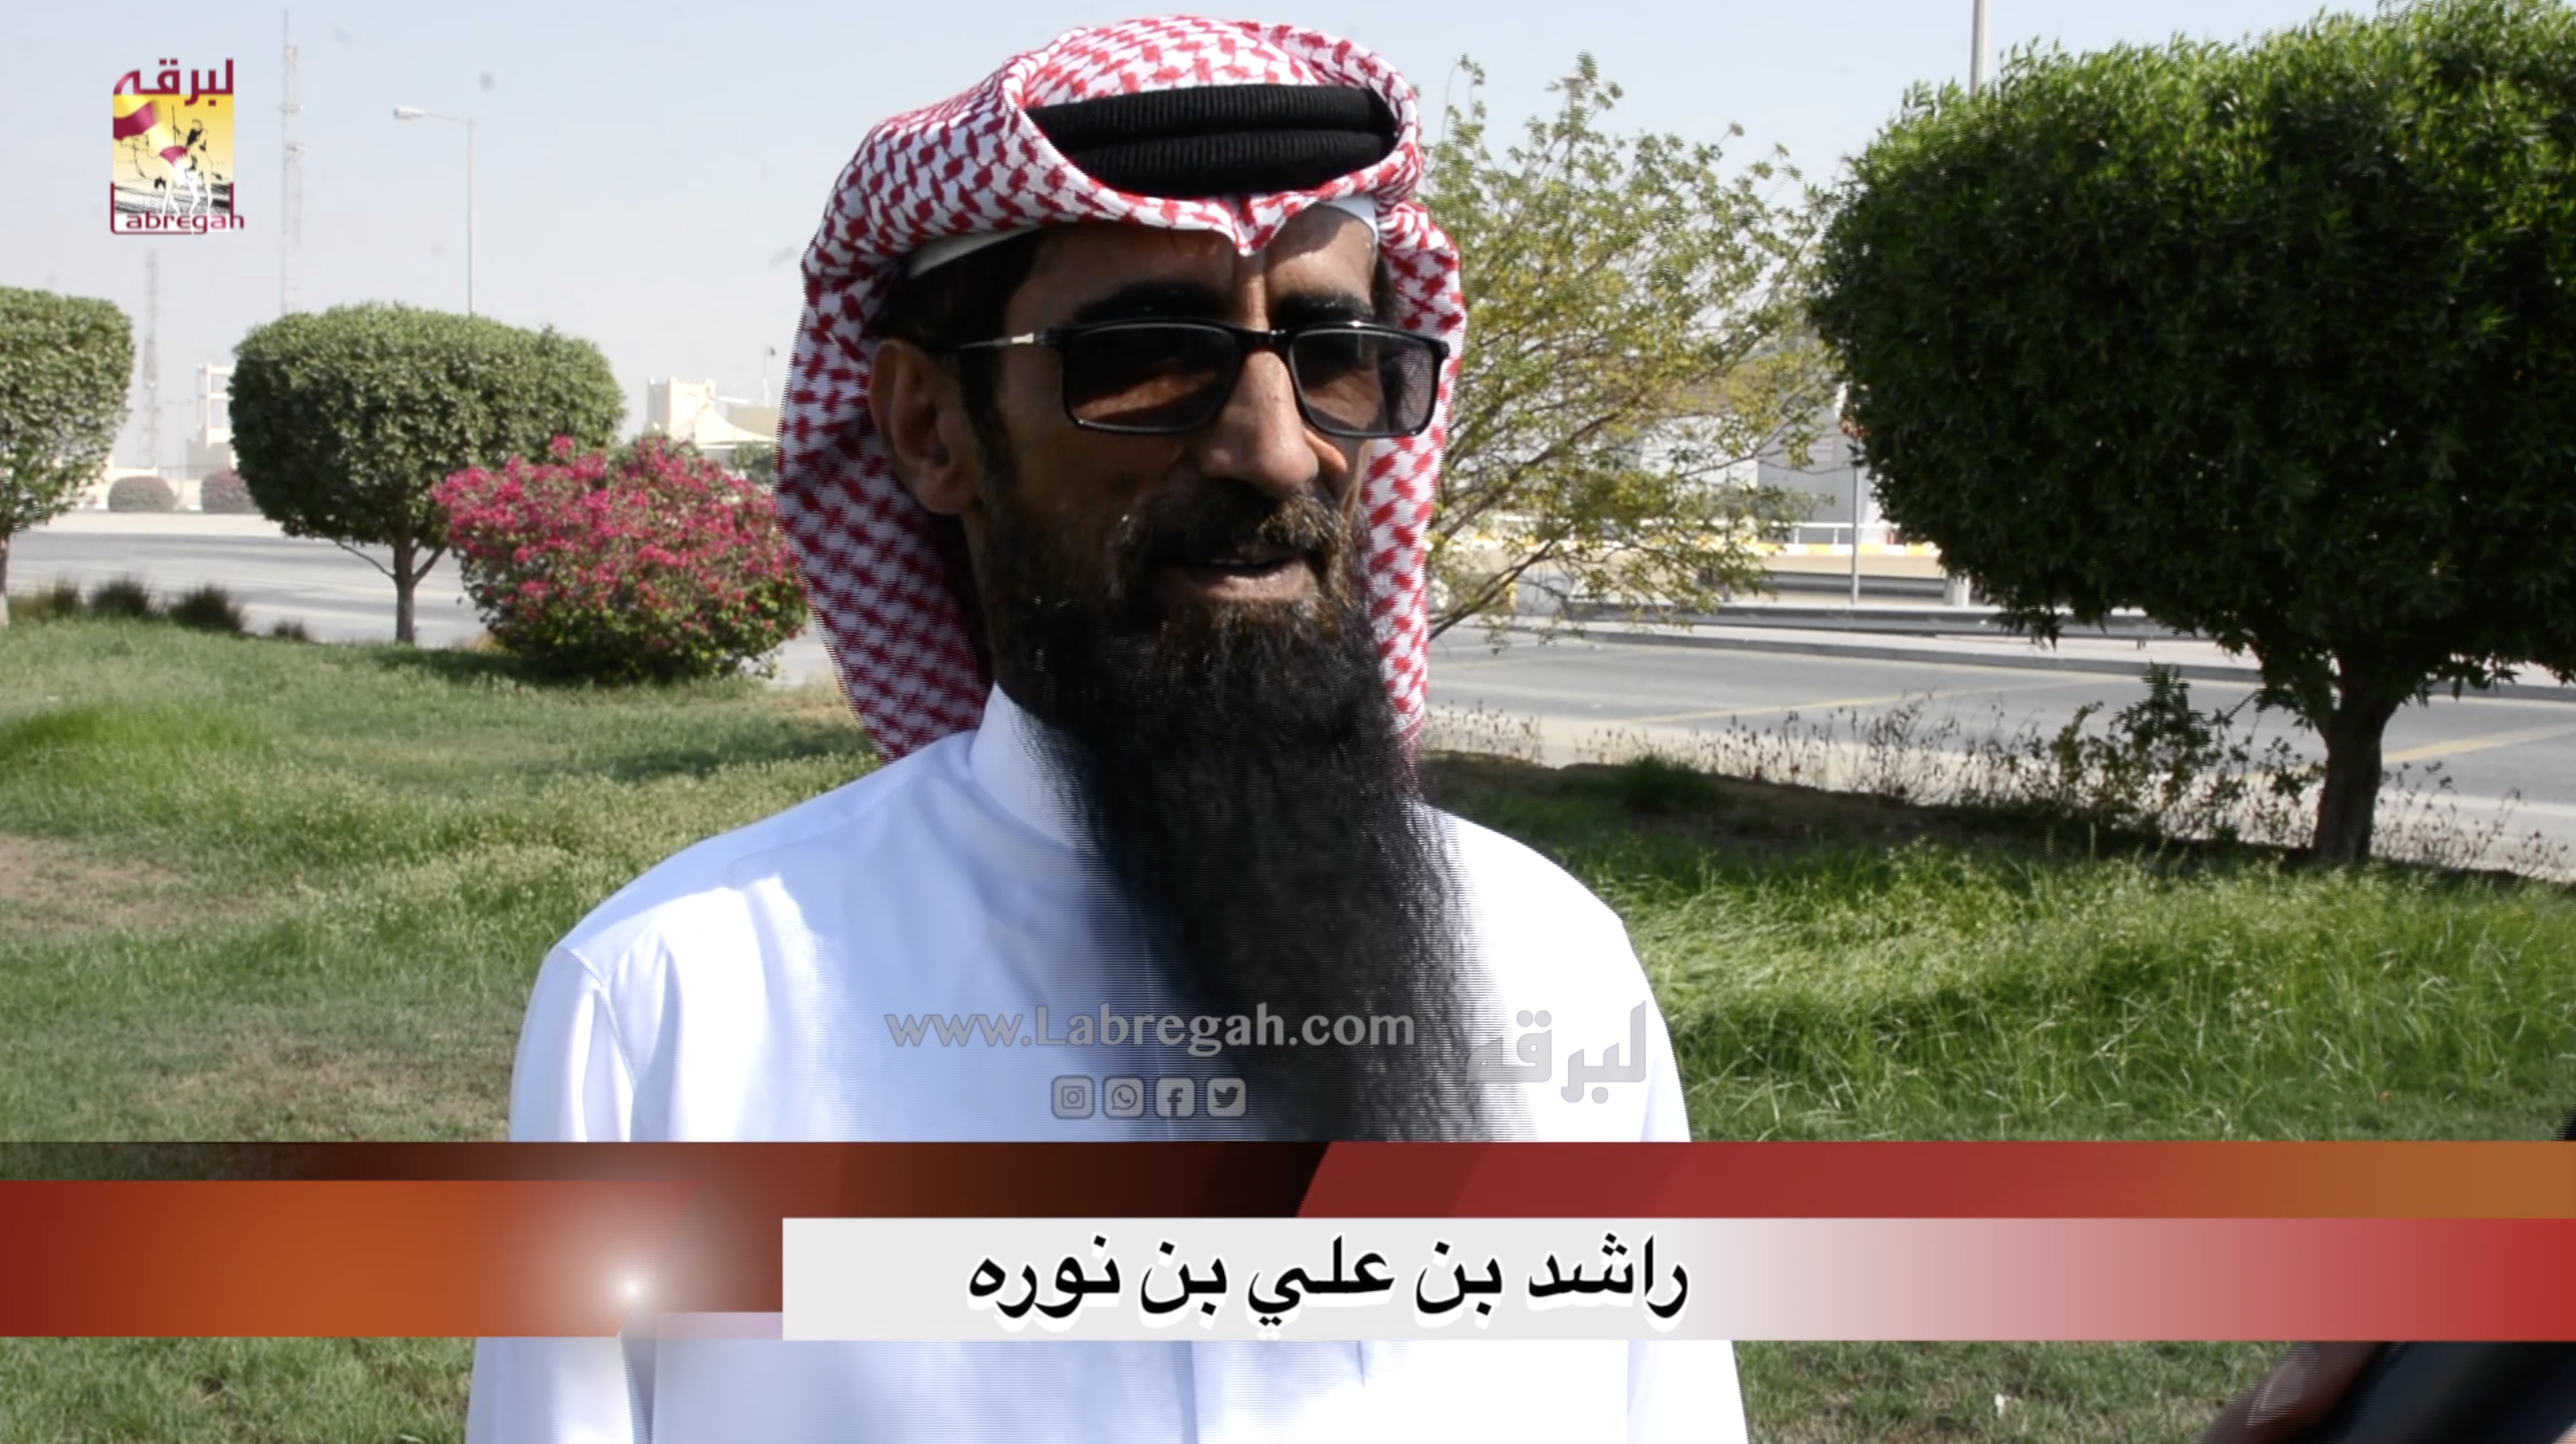 لقاء مع راشد بن علي بن نوره.. الشوط الرئيسي للجذاع قعدان مفتوح صباح ٩-٩-٢٠٢٠